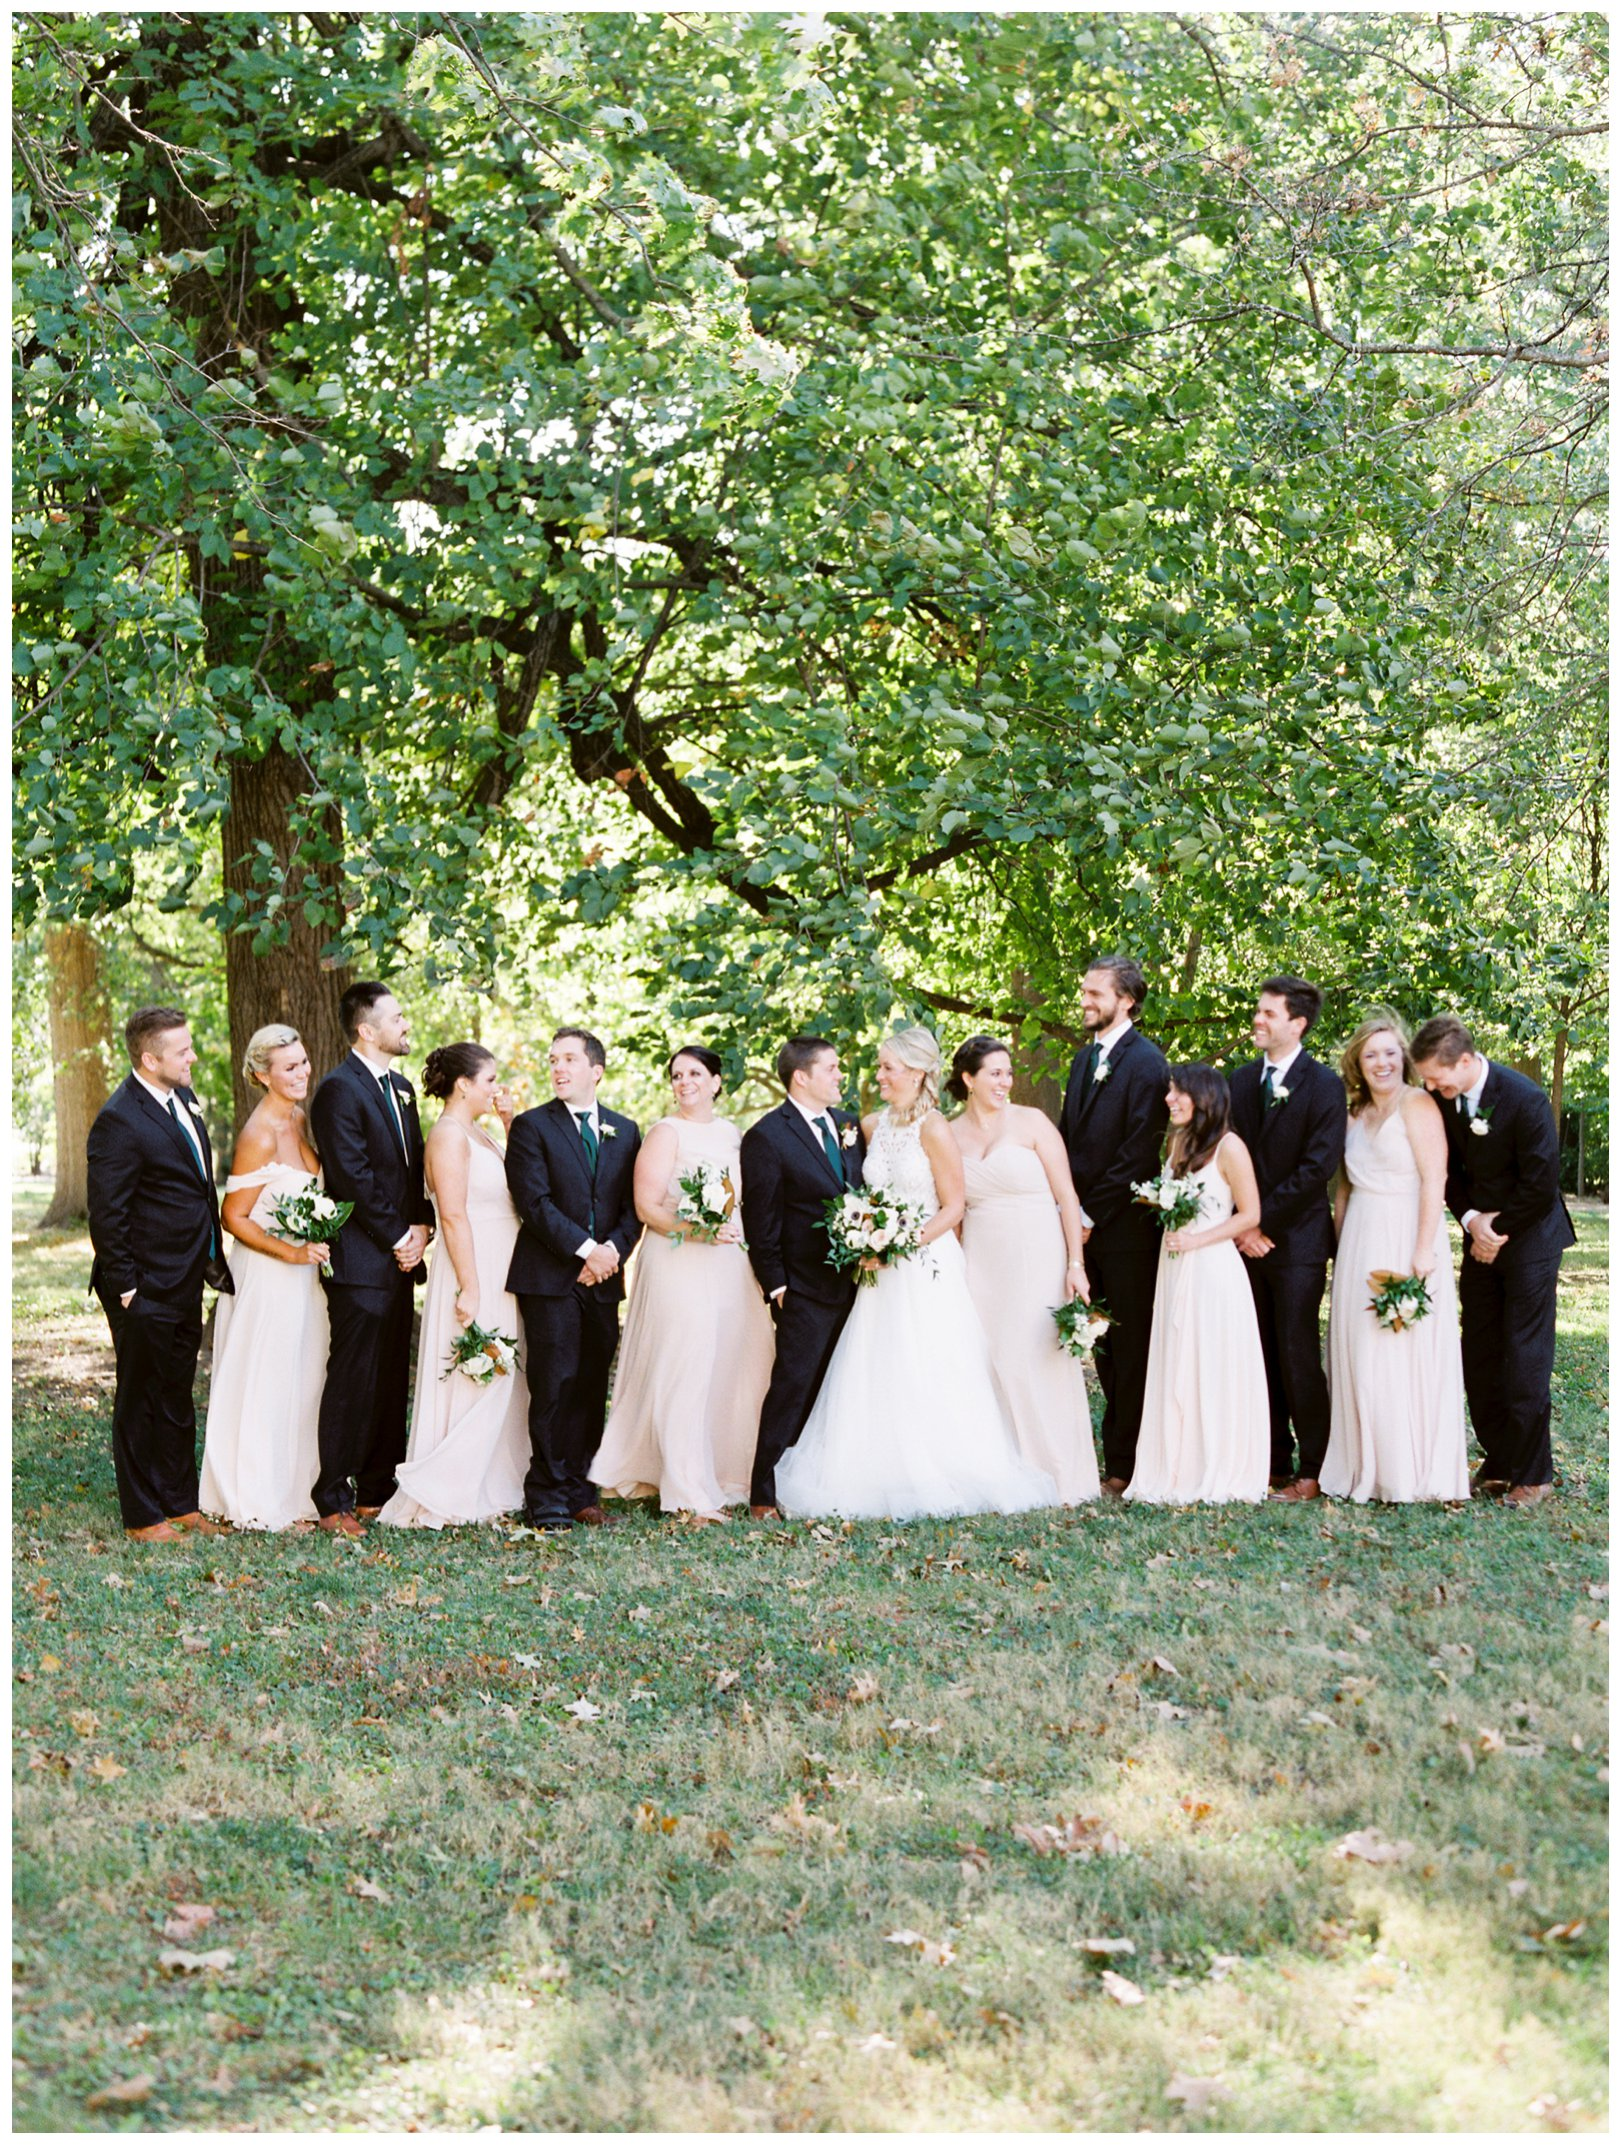 lauren muckler photography_fine art film wedding photography_st louis_photography_2428.jpg